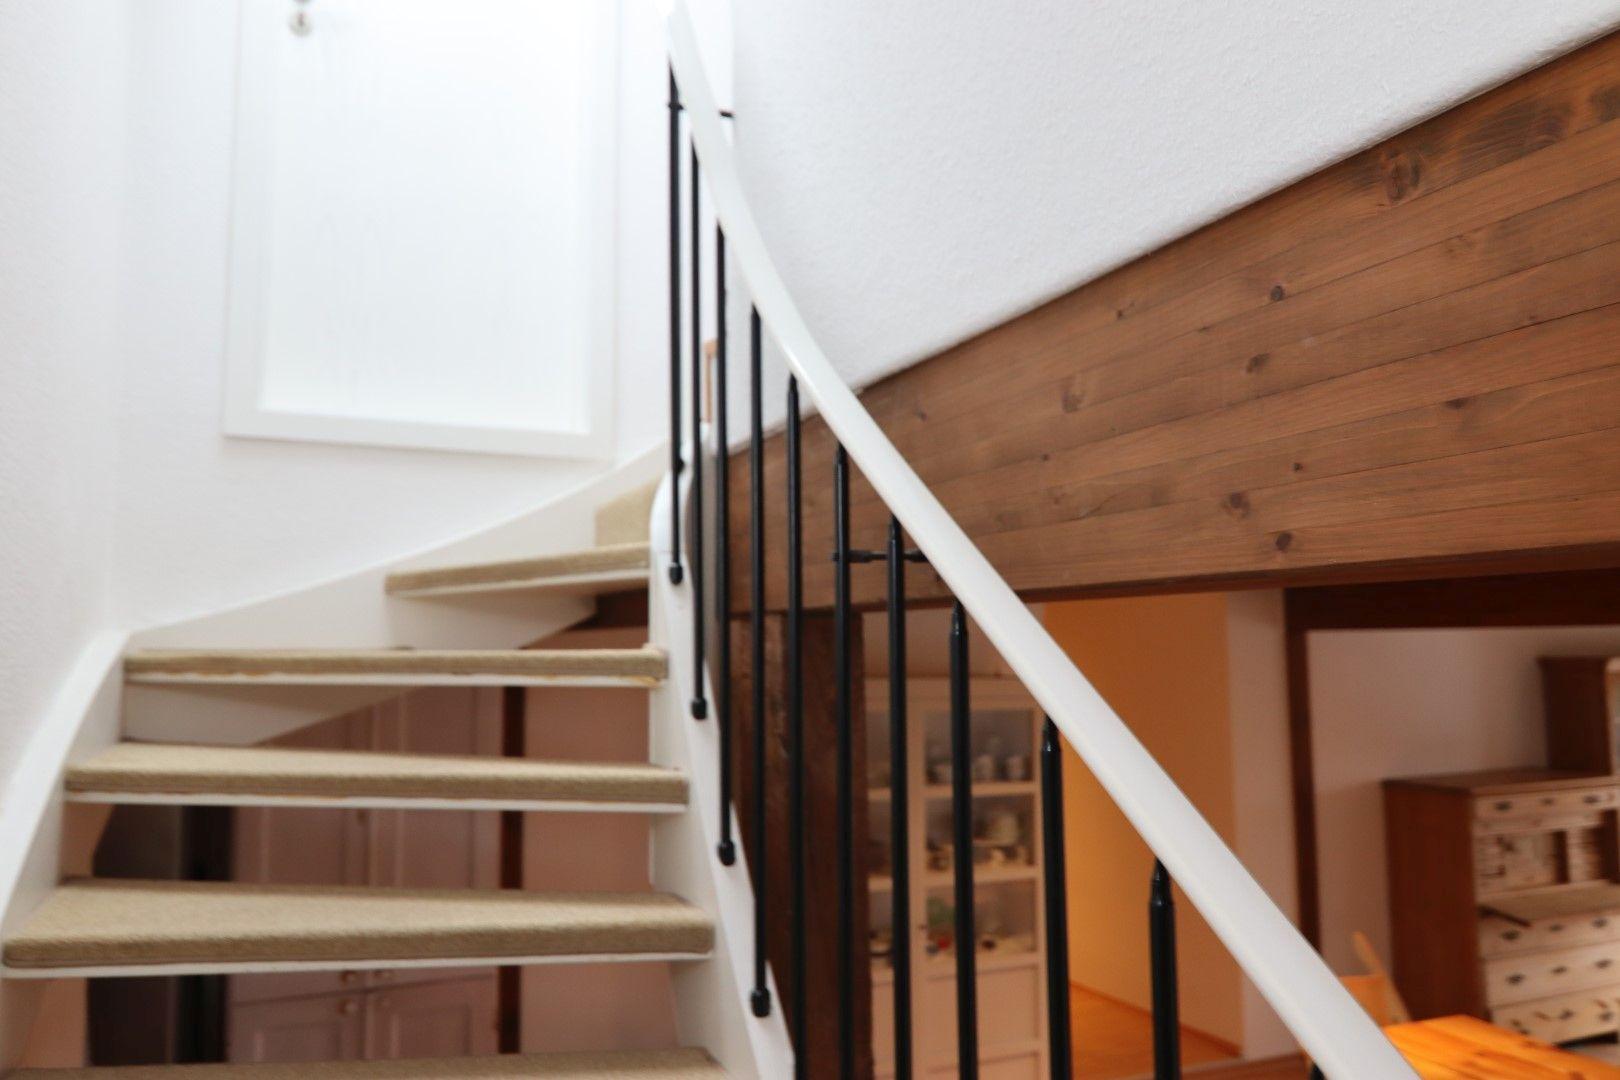 Immobilie Nr.0291 - 4-Raum-Wohnung, 2 Bäder mit Balkon u. Stpl. - Bild 12.jpg